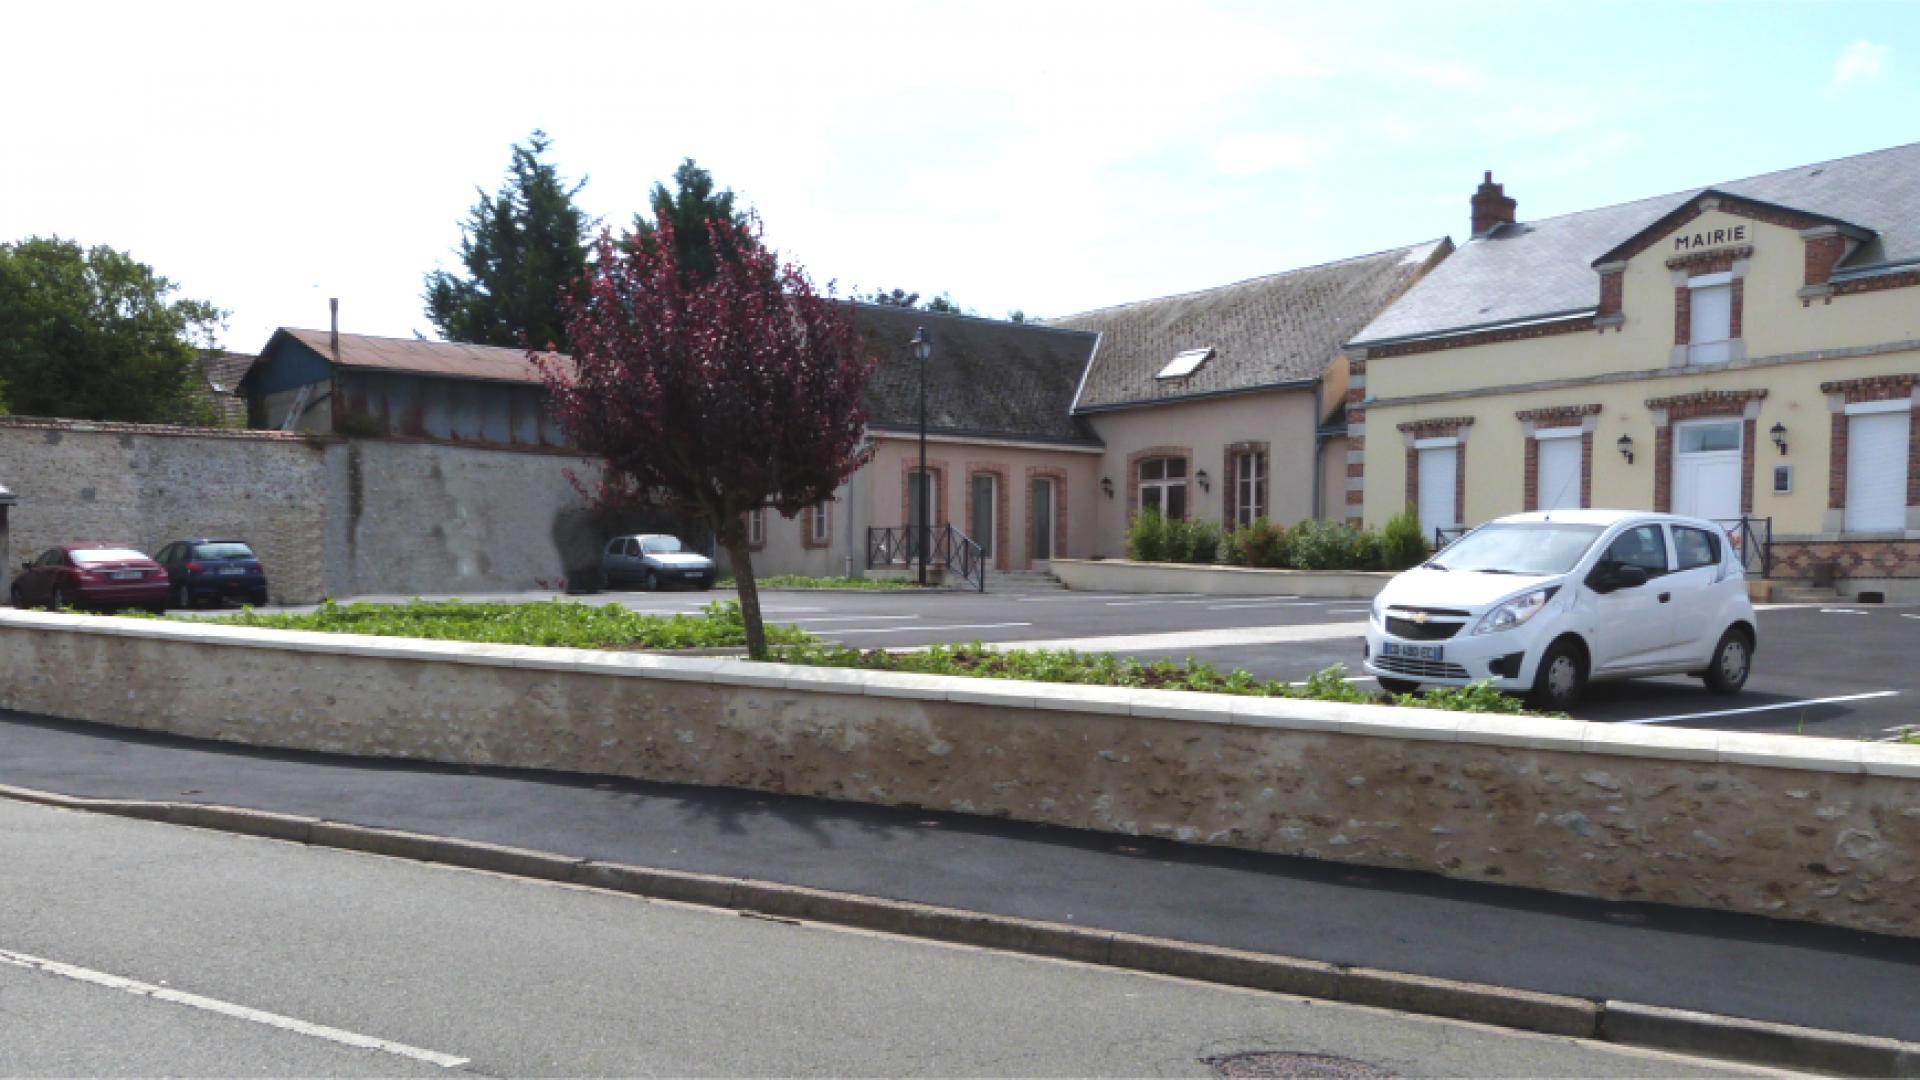 Commune de Roinville-sous-Auneau